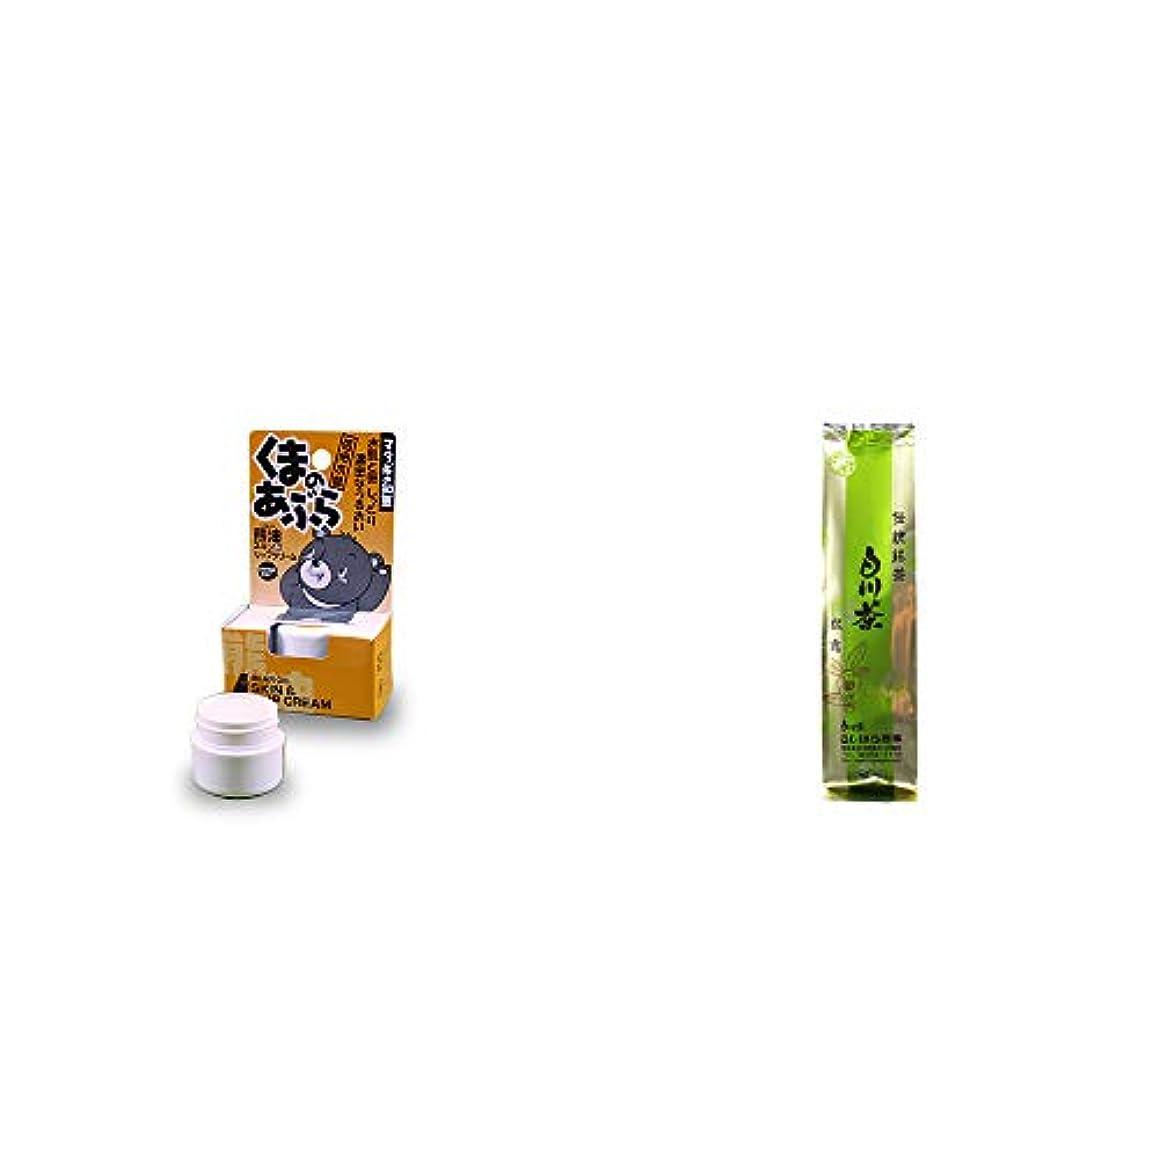 スーパーマーケットアンデス山脈プラス[2点セット] 信州木曽 くまのあぶら 熊油スキン&リップクリーム(9g)?白川茶 伝統銘茶【松露】(180g)